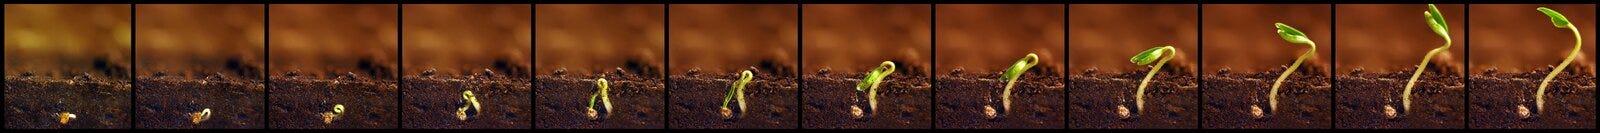 Élevage de plantes Les usines élèvent des étapes Périodes de croissance de jeunes plantes Photo libre de droits